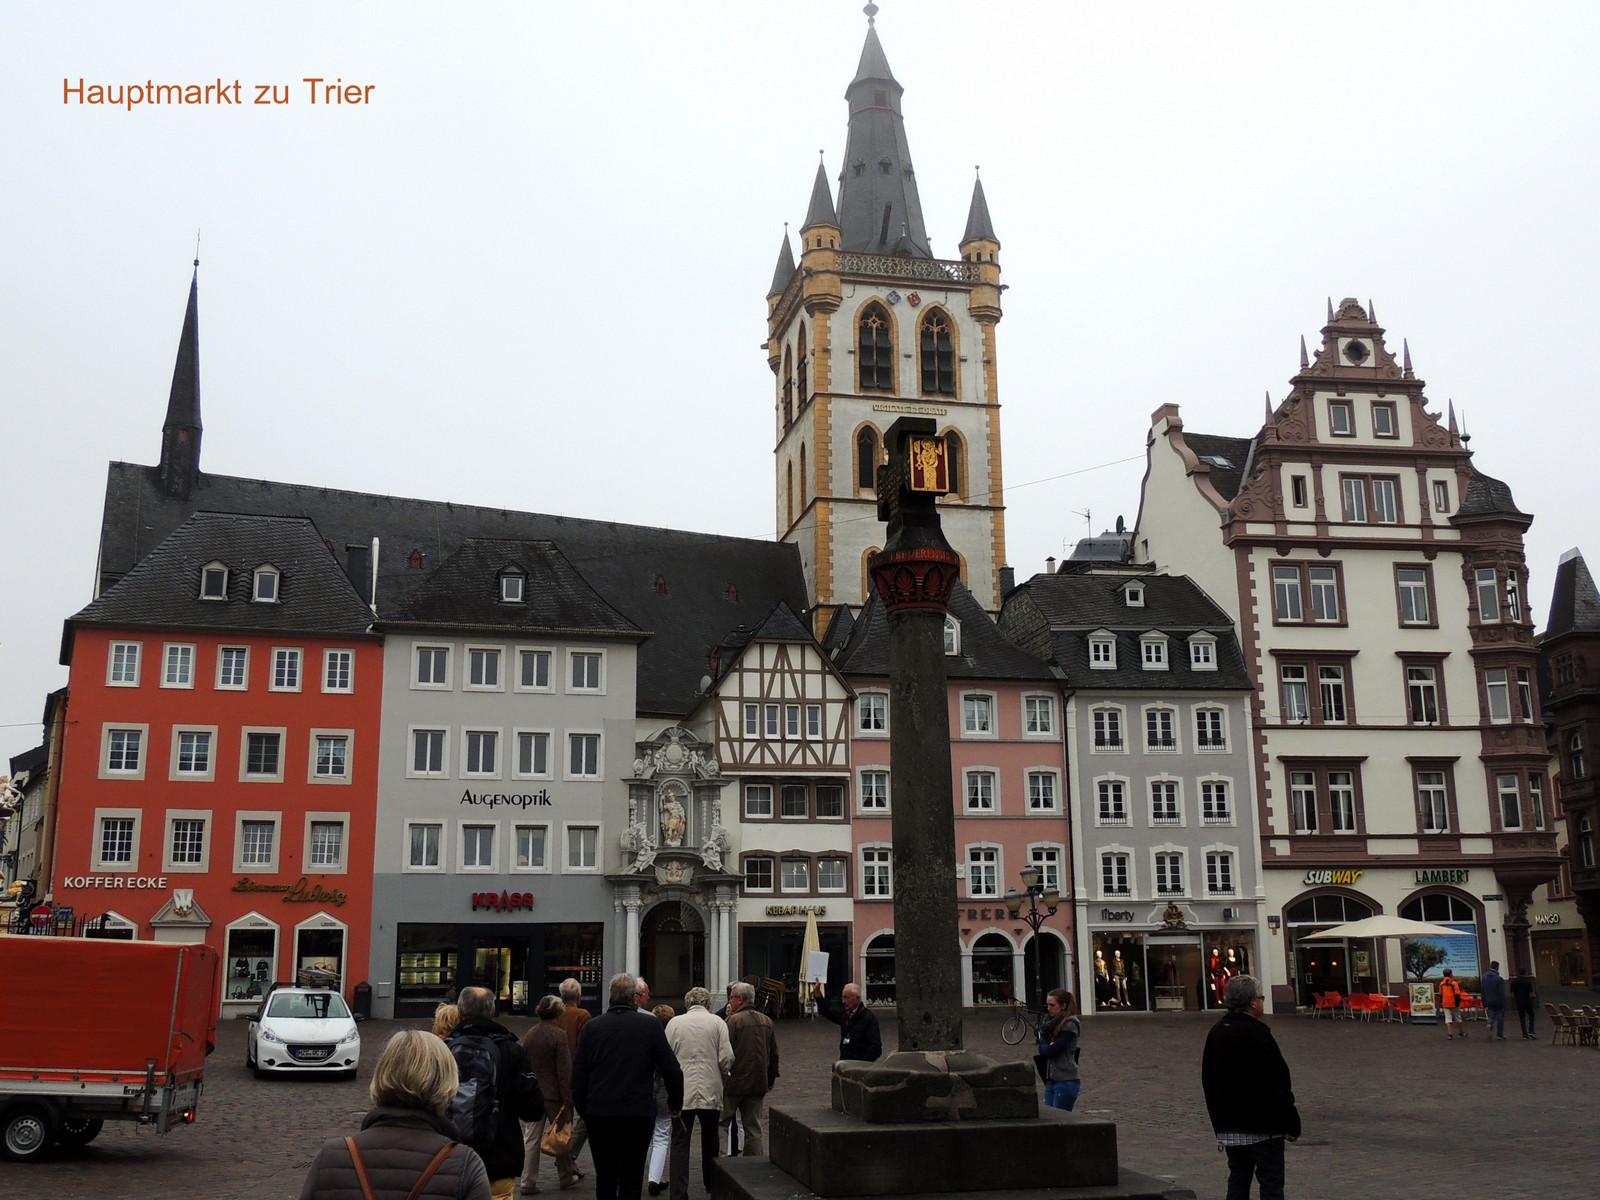 Hauptmarkt zu Trier